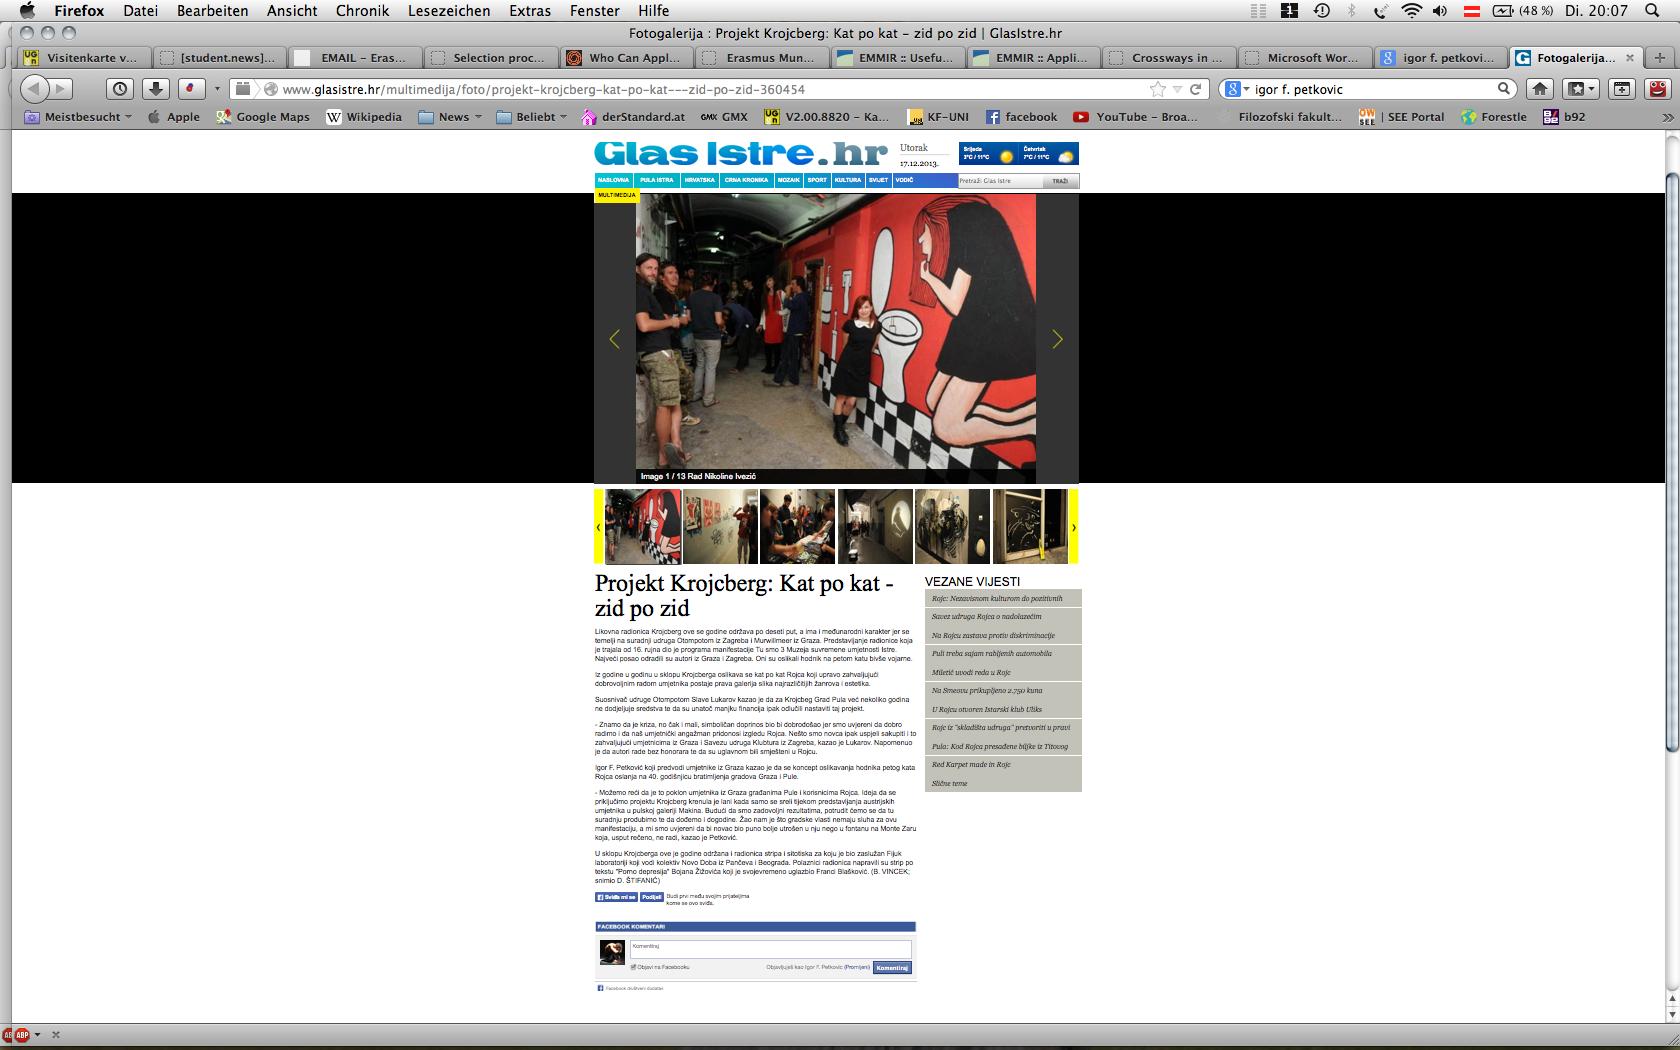 Bildschirmfoto 2013-12-17 um 20.07.59